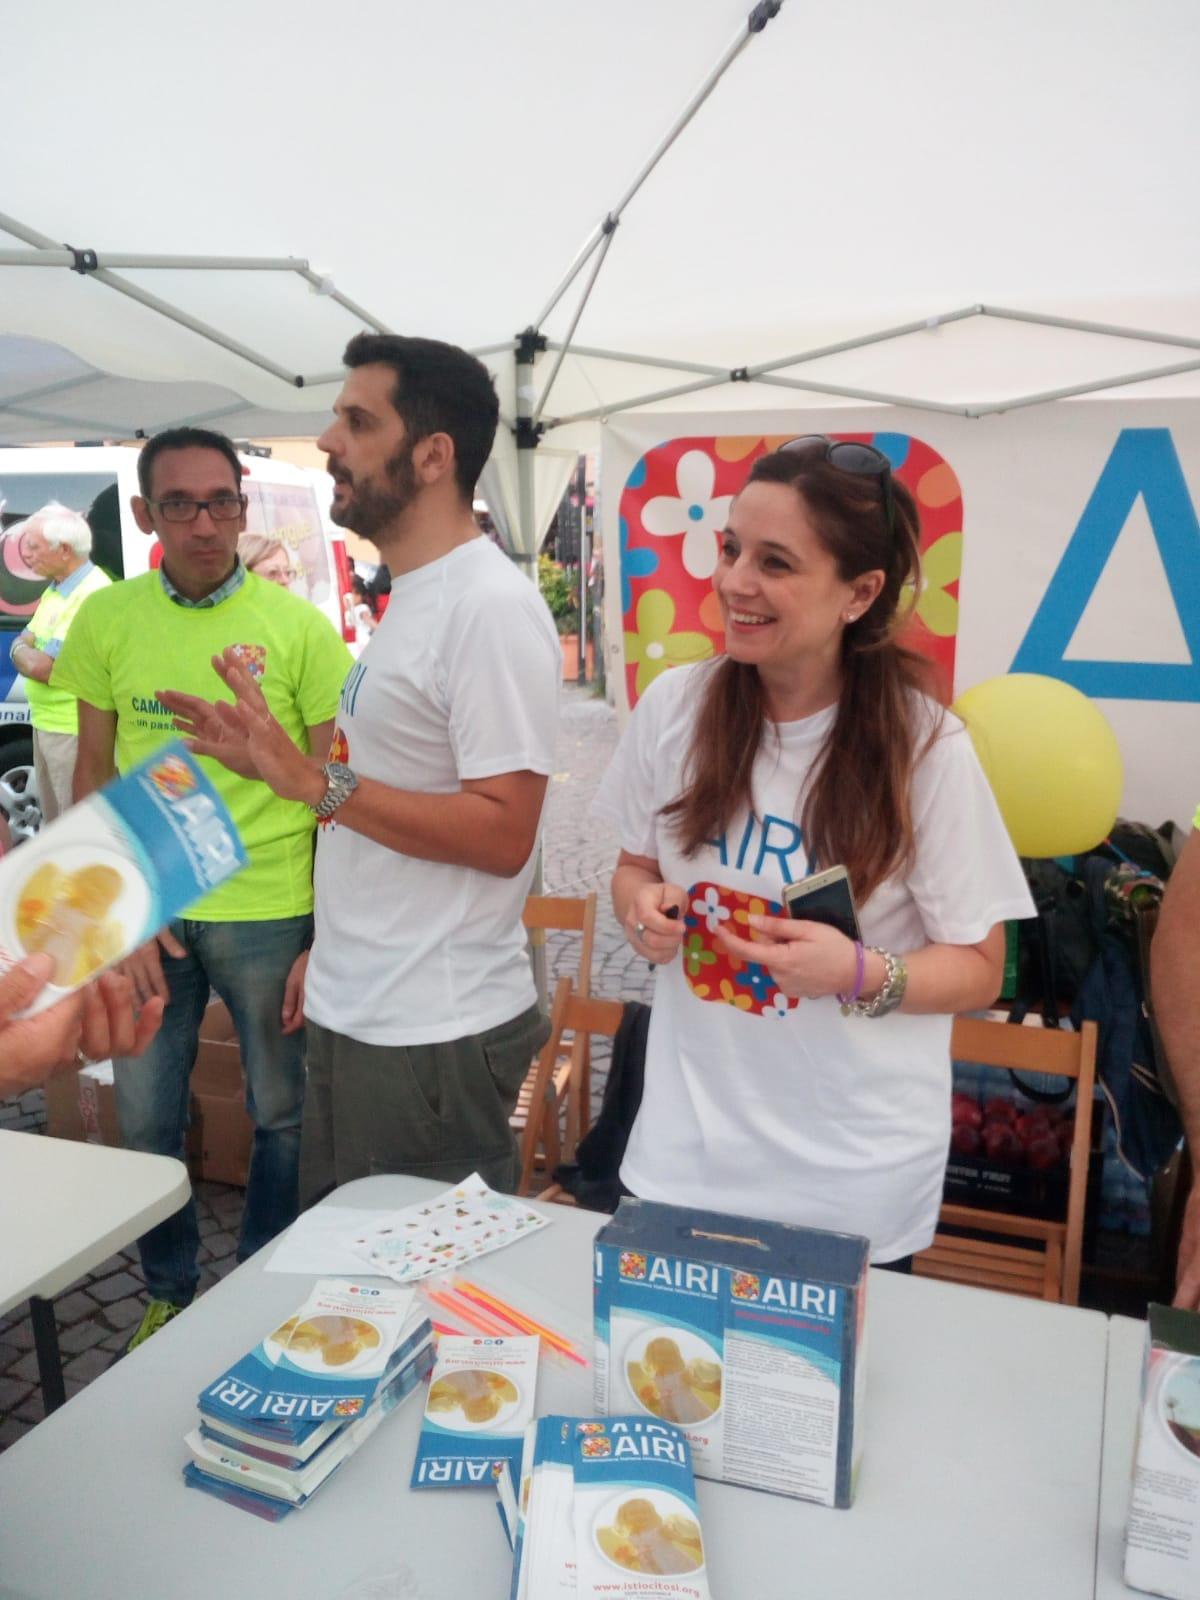 La vicepresidente Francesca Brodo ed il socio Claudio Pagliarello allo stand Airi durante le iscrizioni alla camminata